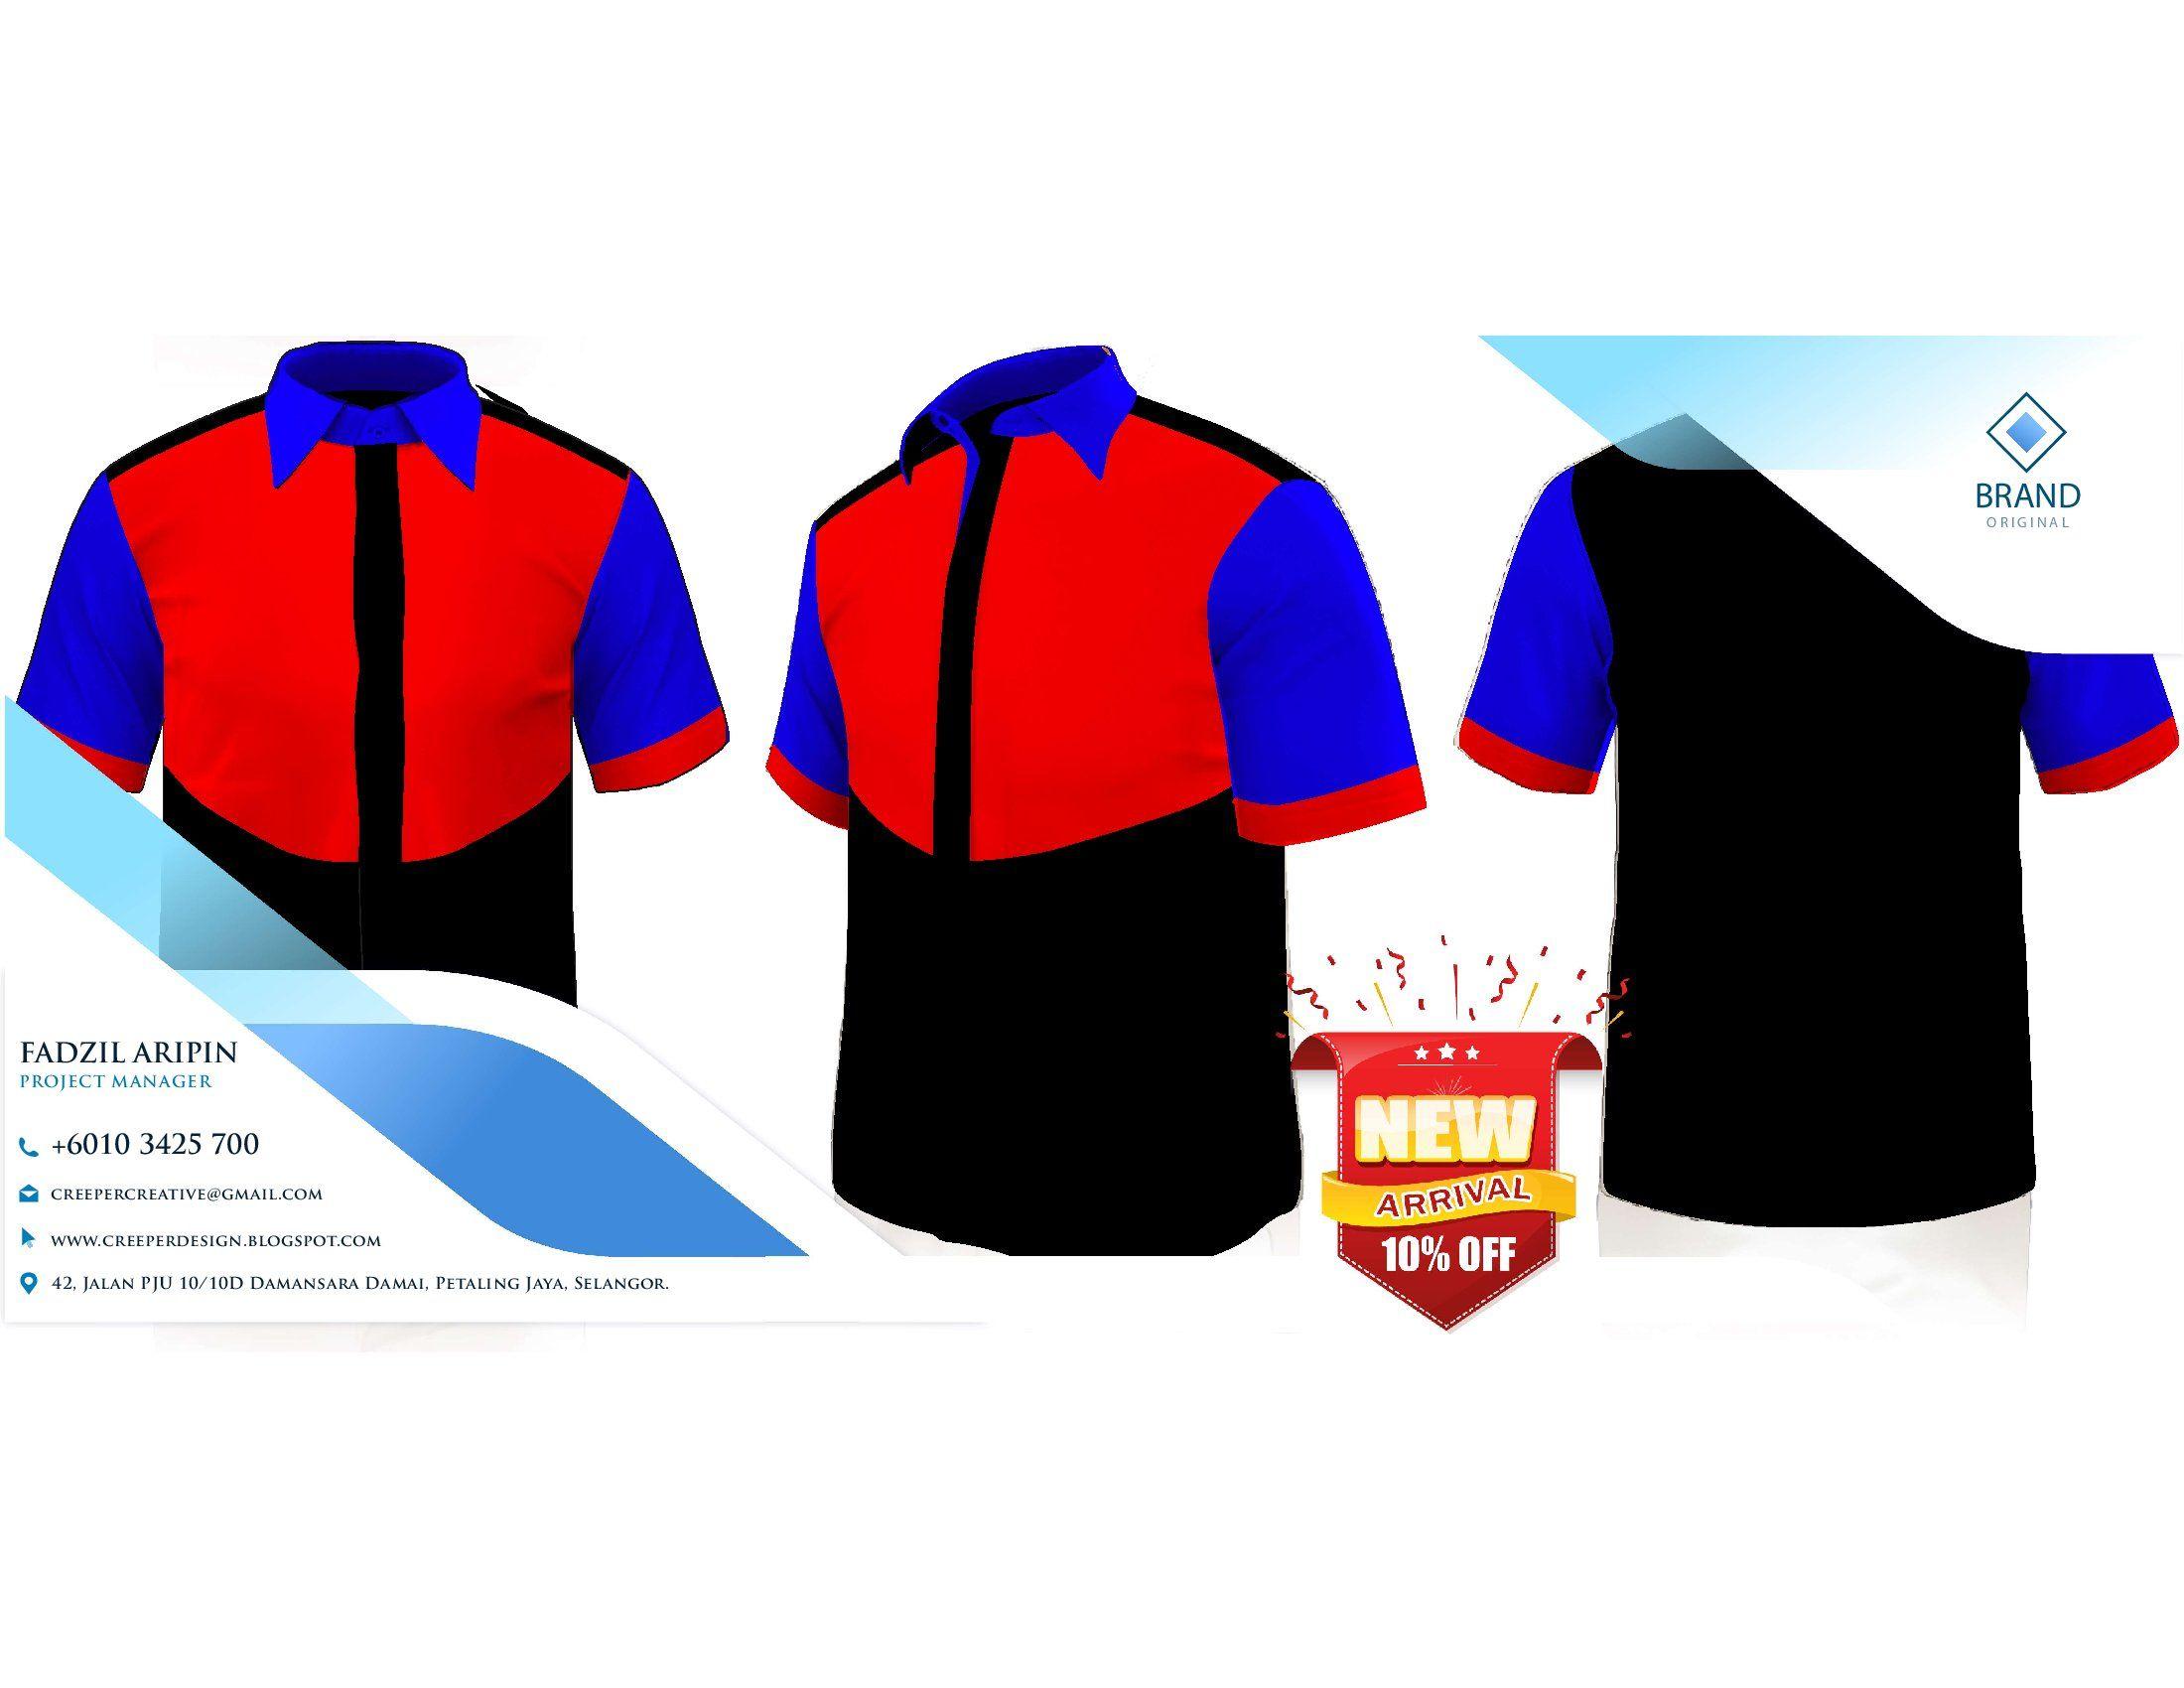 Menerima tempahan Baju Korporat uniform custom made F1 Shirt Design Baju Korporat lelaki wanita dan juga baju muslimah lengan panjang dan apa sahaja yang